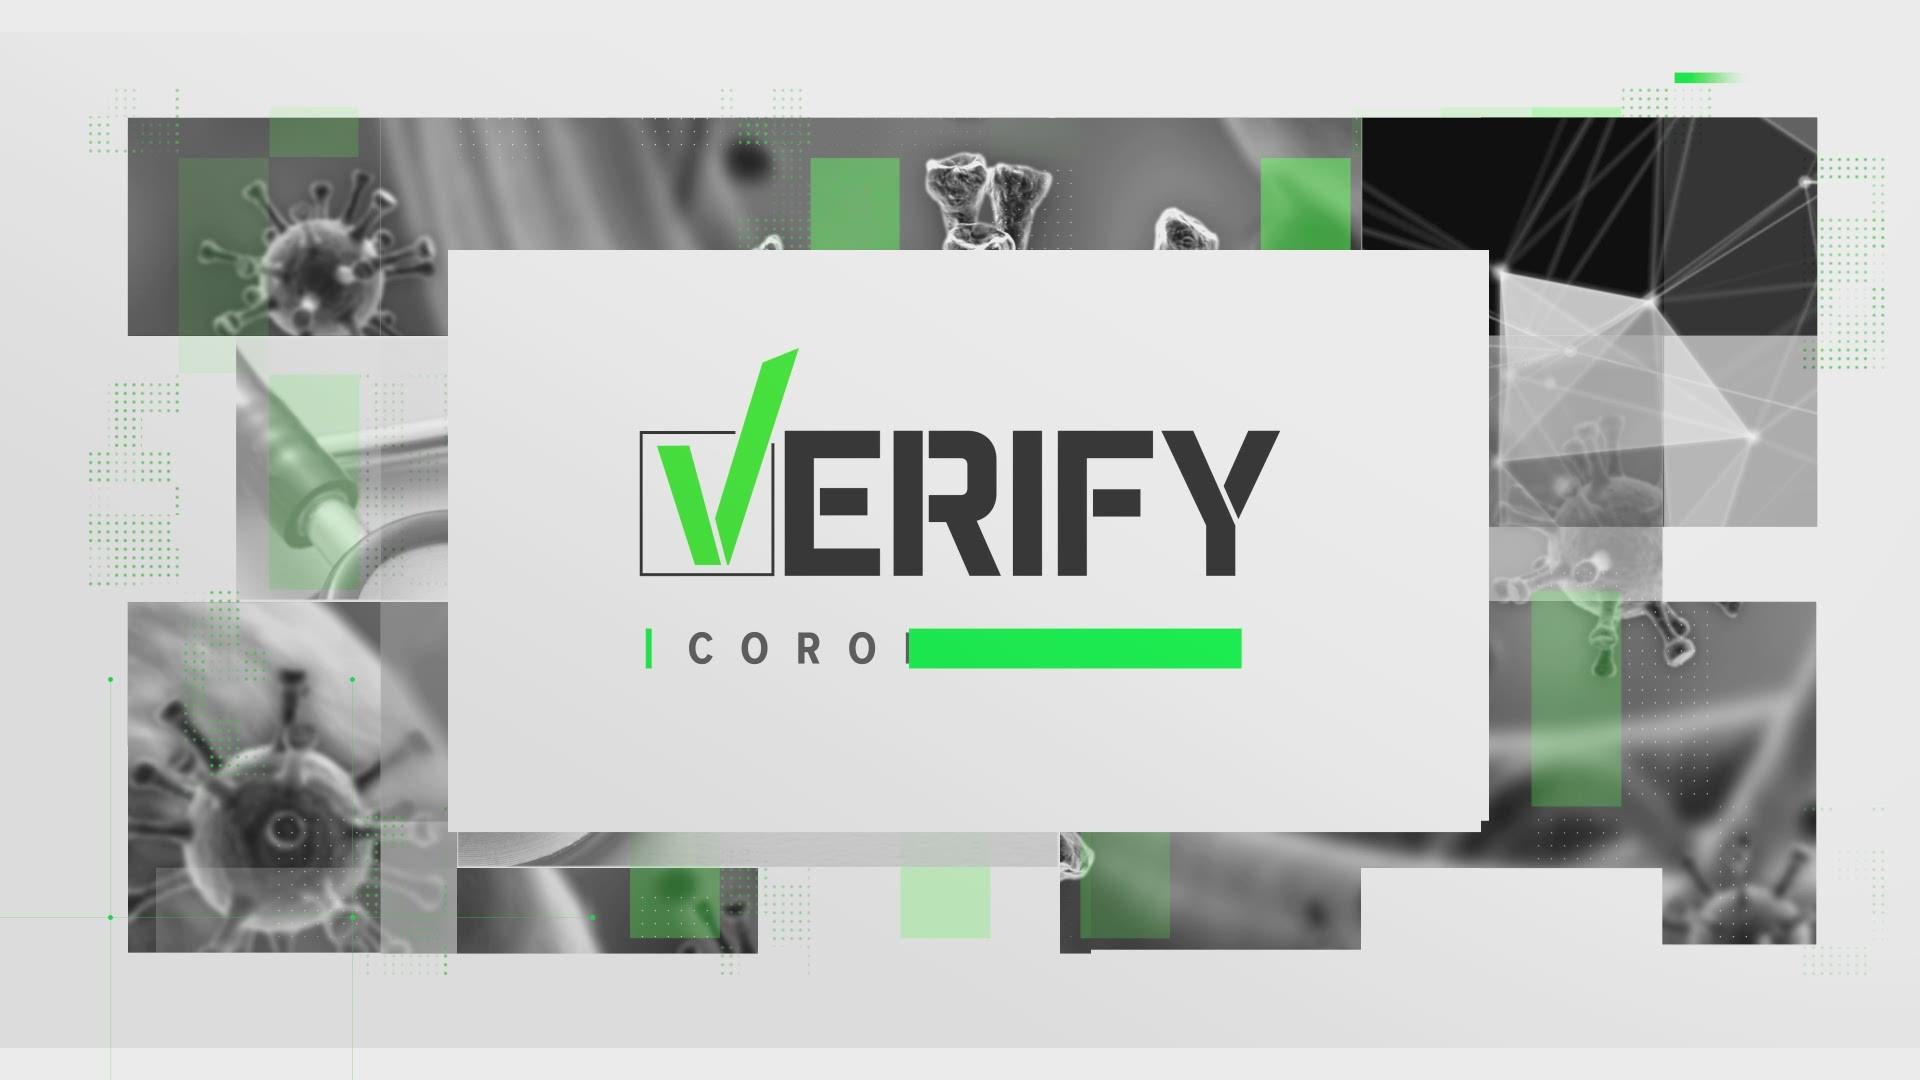 Verify Team Takes Over Reddit For Coronavirus Fact Check Ktvb Com Örneğin bir gün sadece video izleyip gülmek istersiniz, başka bir gün uzay fotoğraflarına bakmak istersiniz, bir diğer gün bilimsel. ktvb com